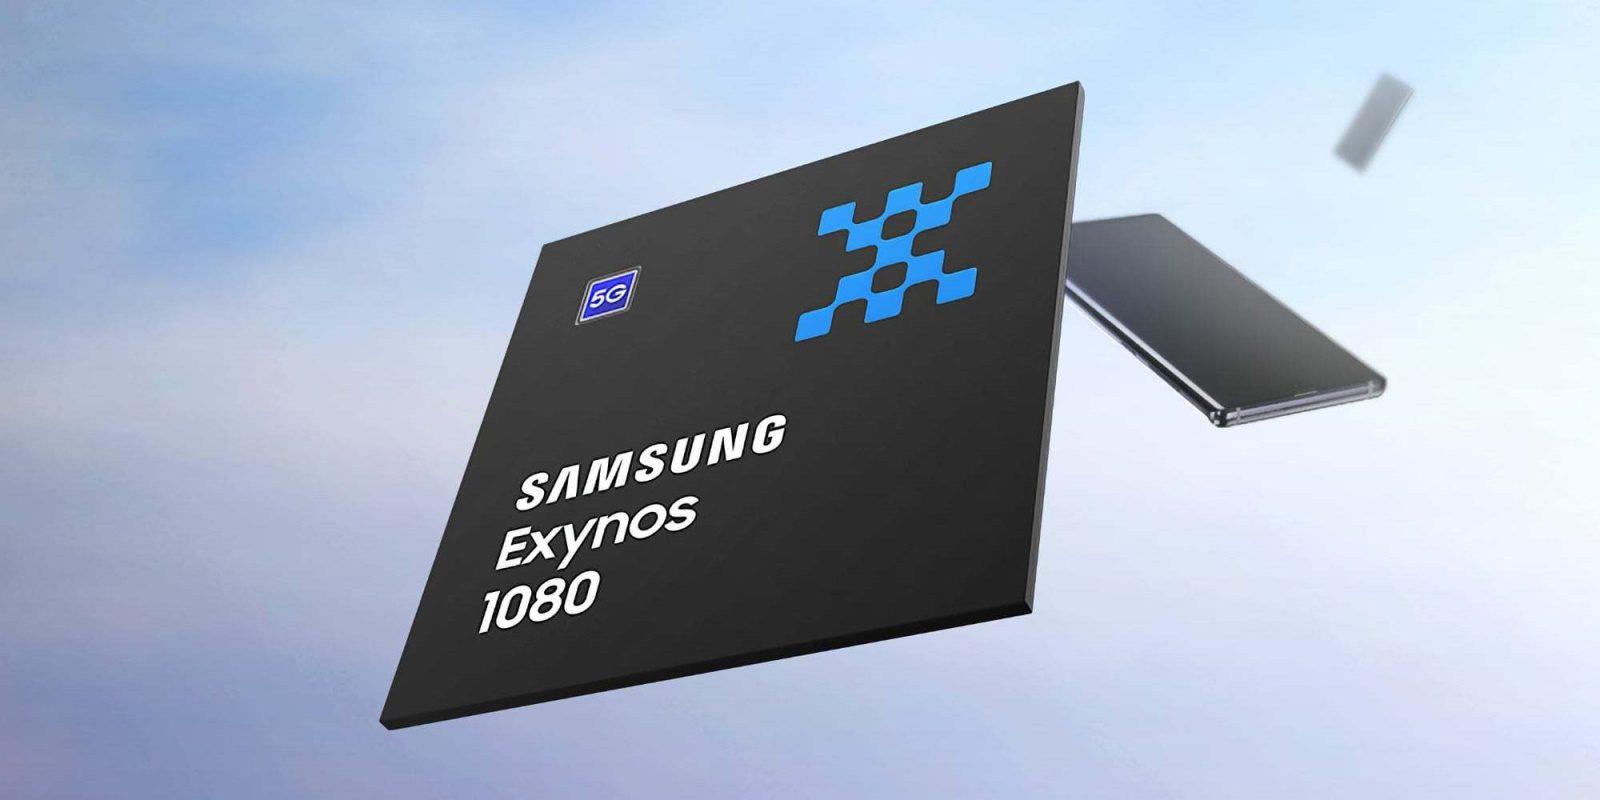 samsung exynos 1080 lancamento